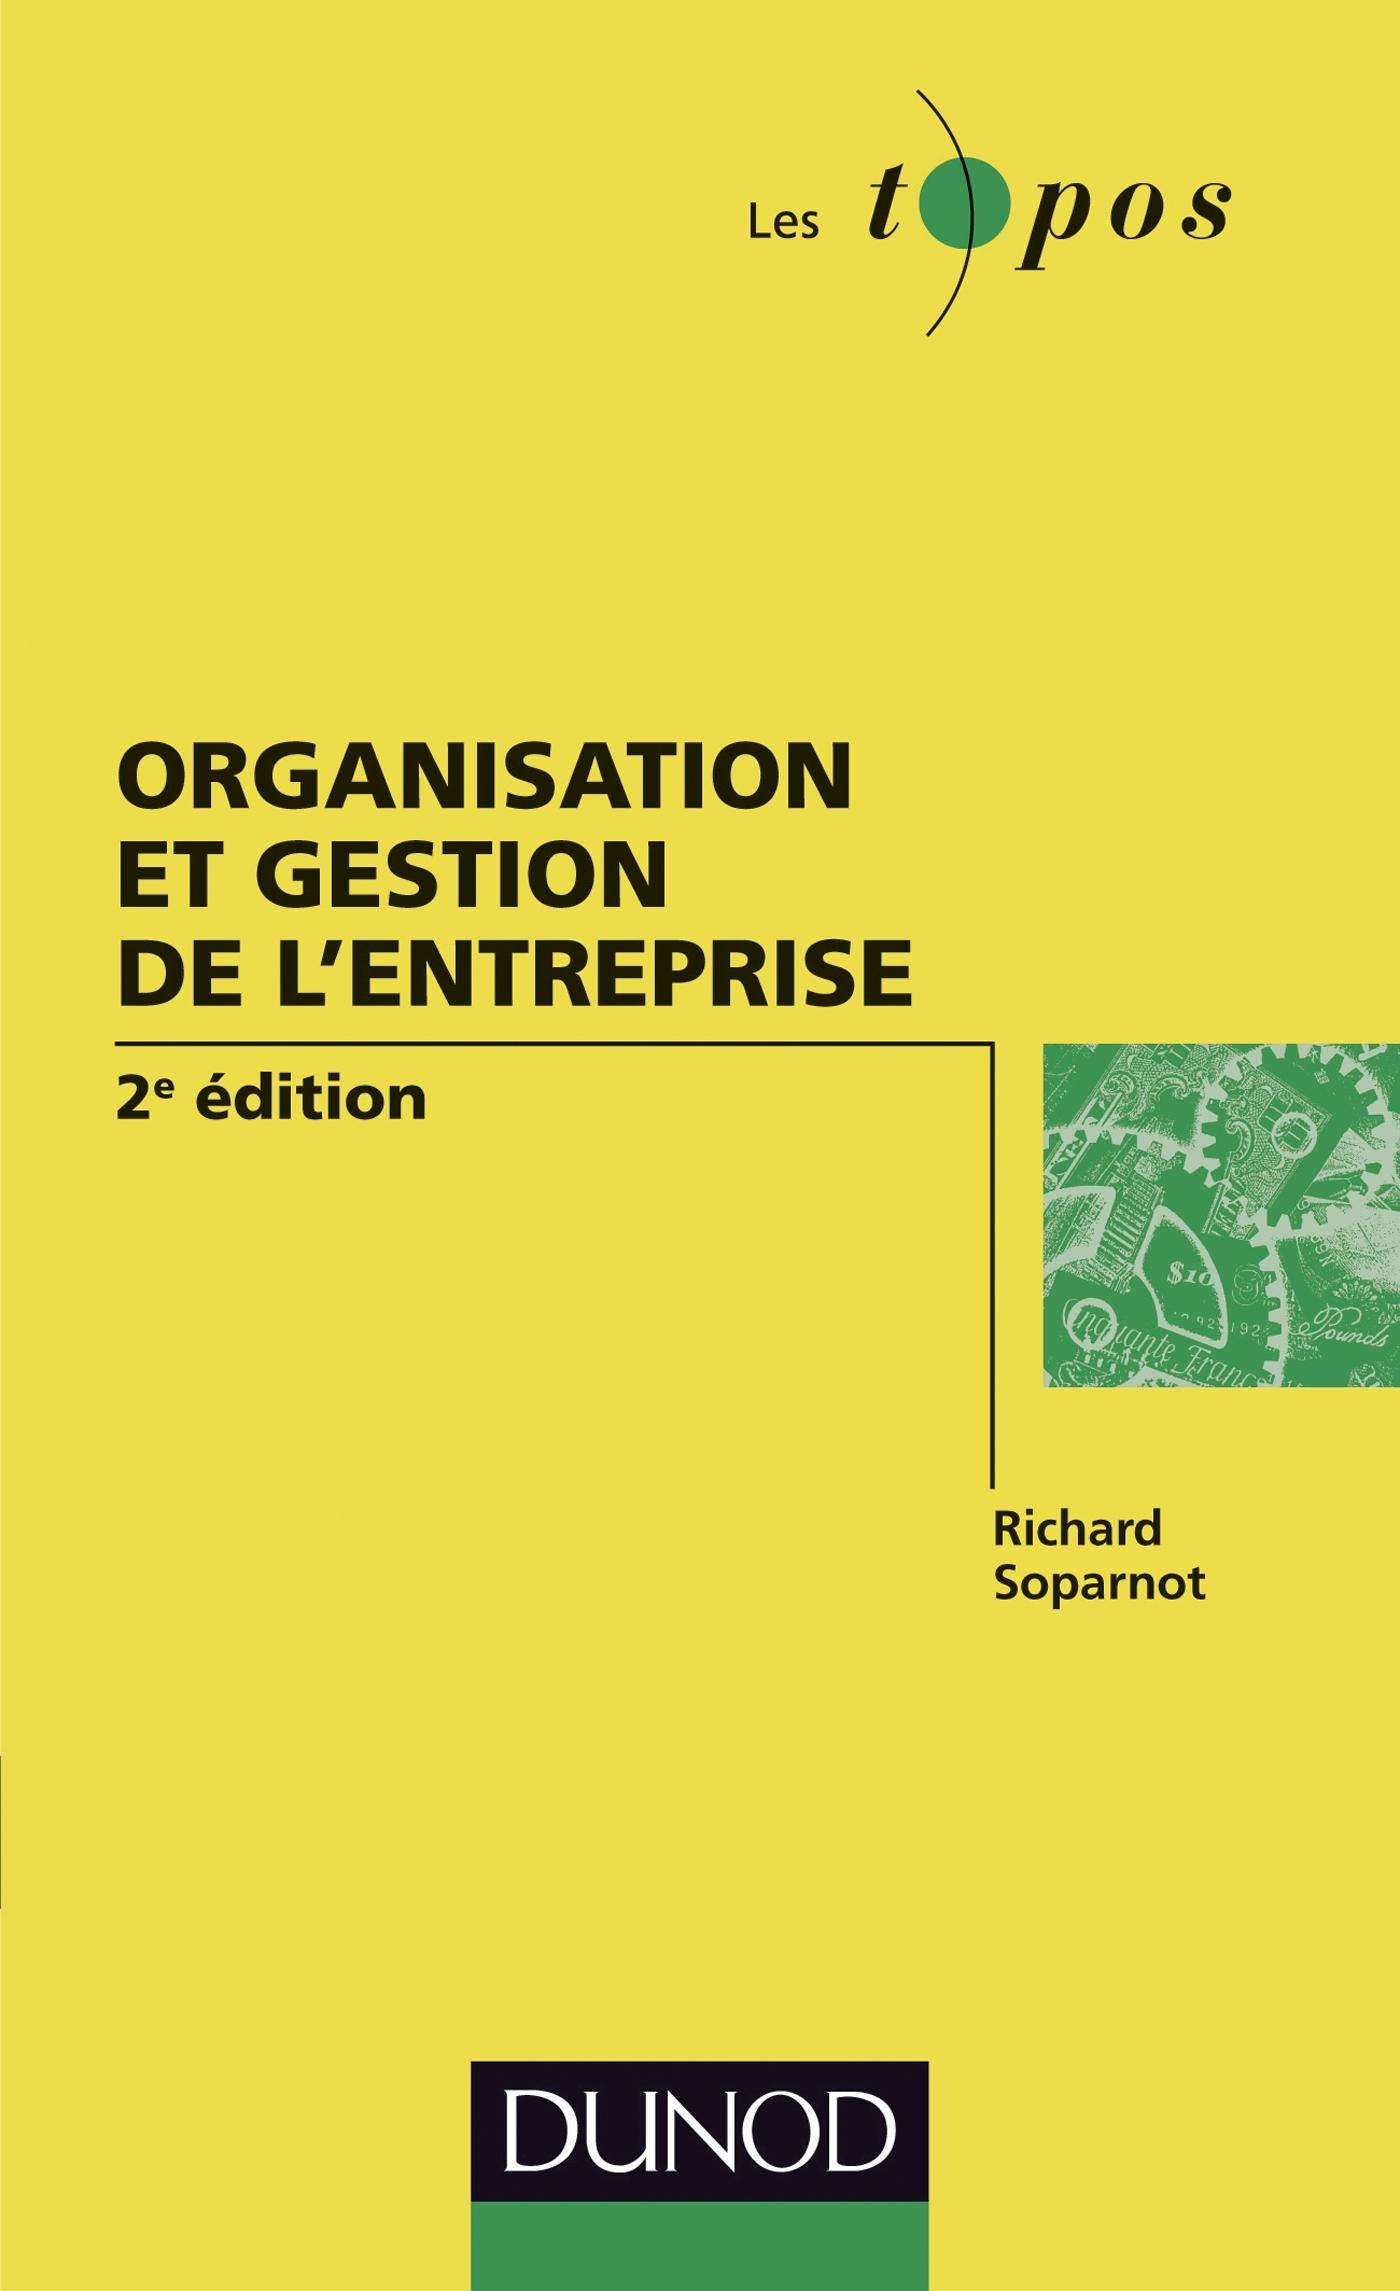 ORGANISATION ET GESTION DE L'ENTREPRISE - 2E EDITION